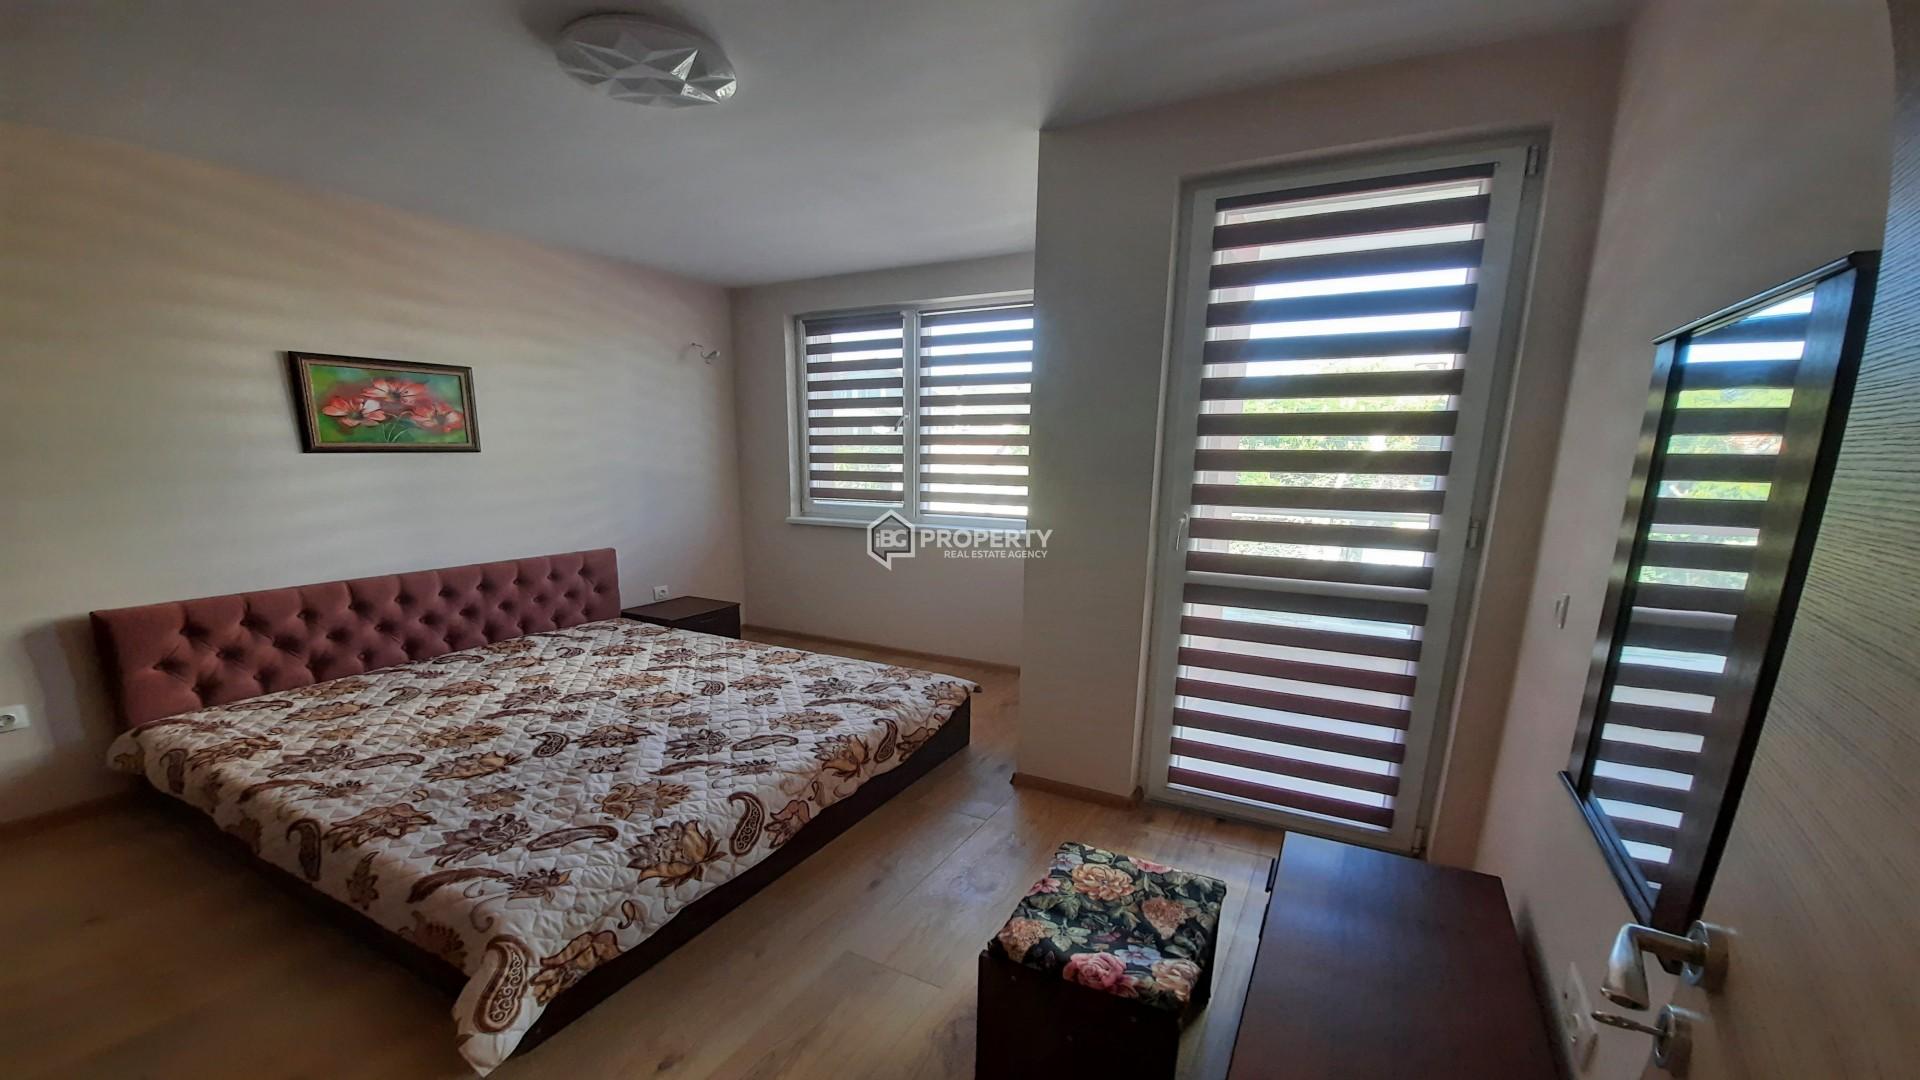 Zweizimmerwohnung in Varna, Vinitsa 60 q.m.